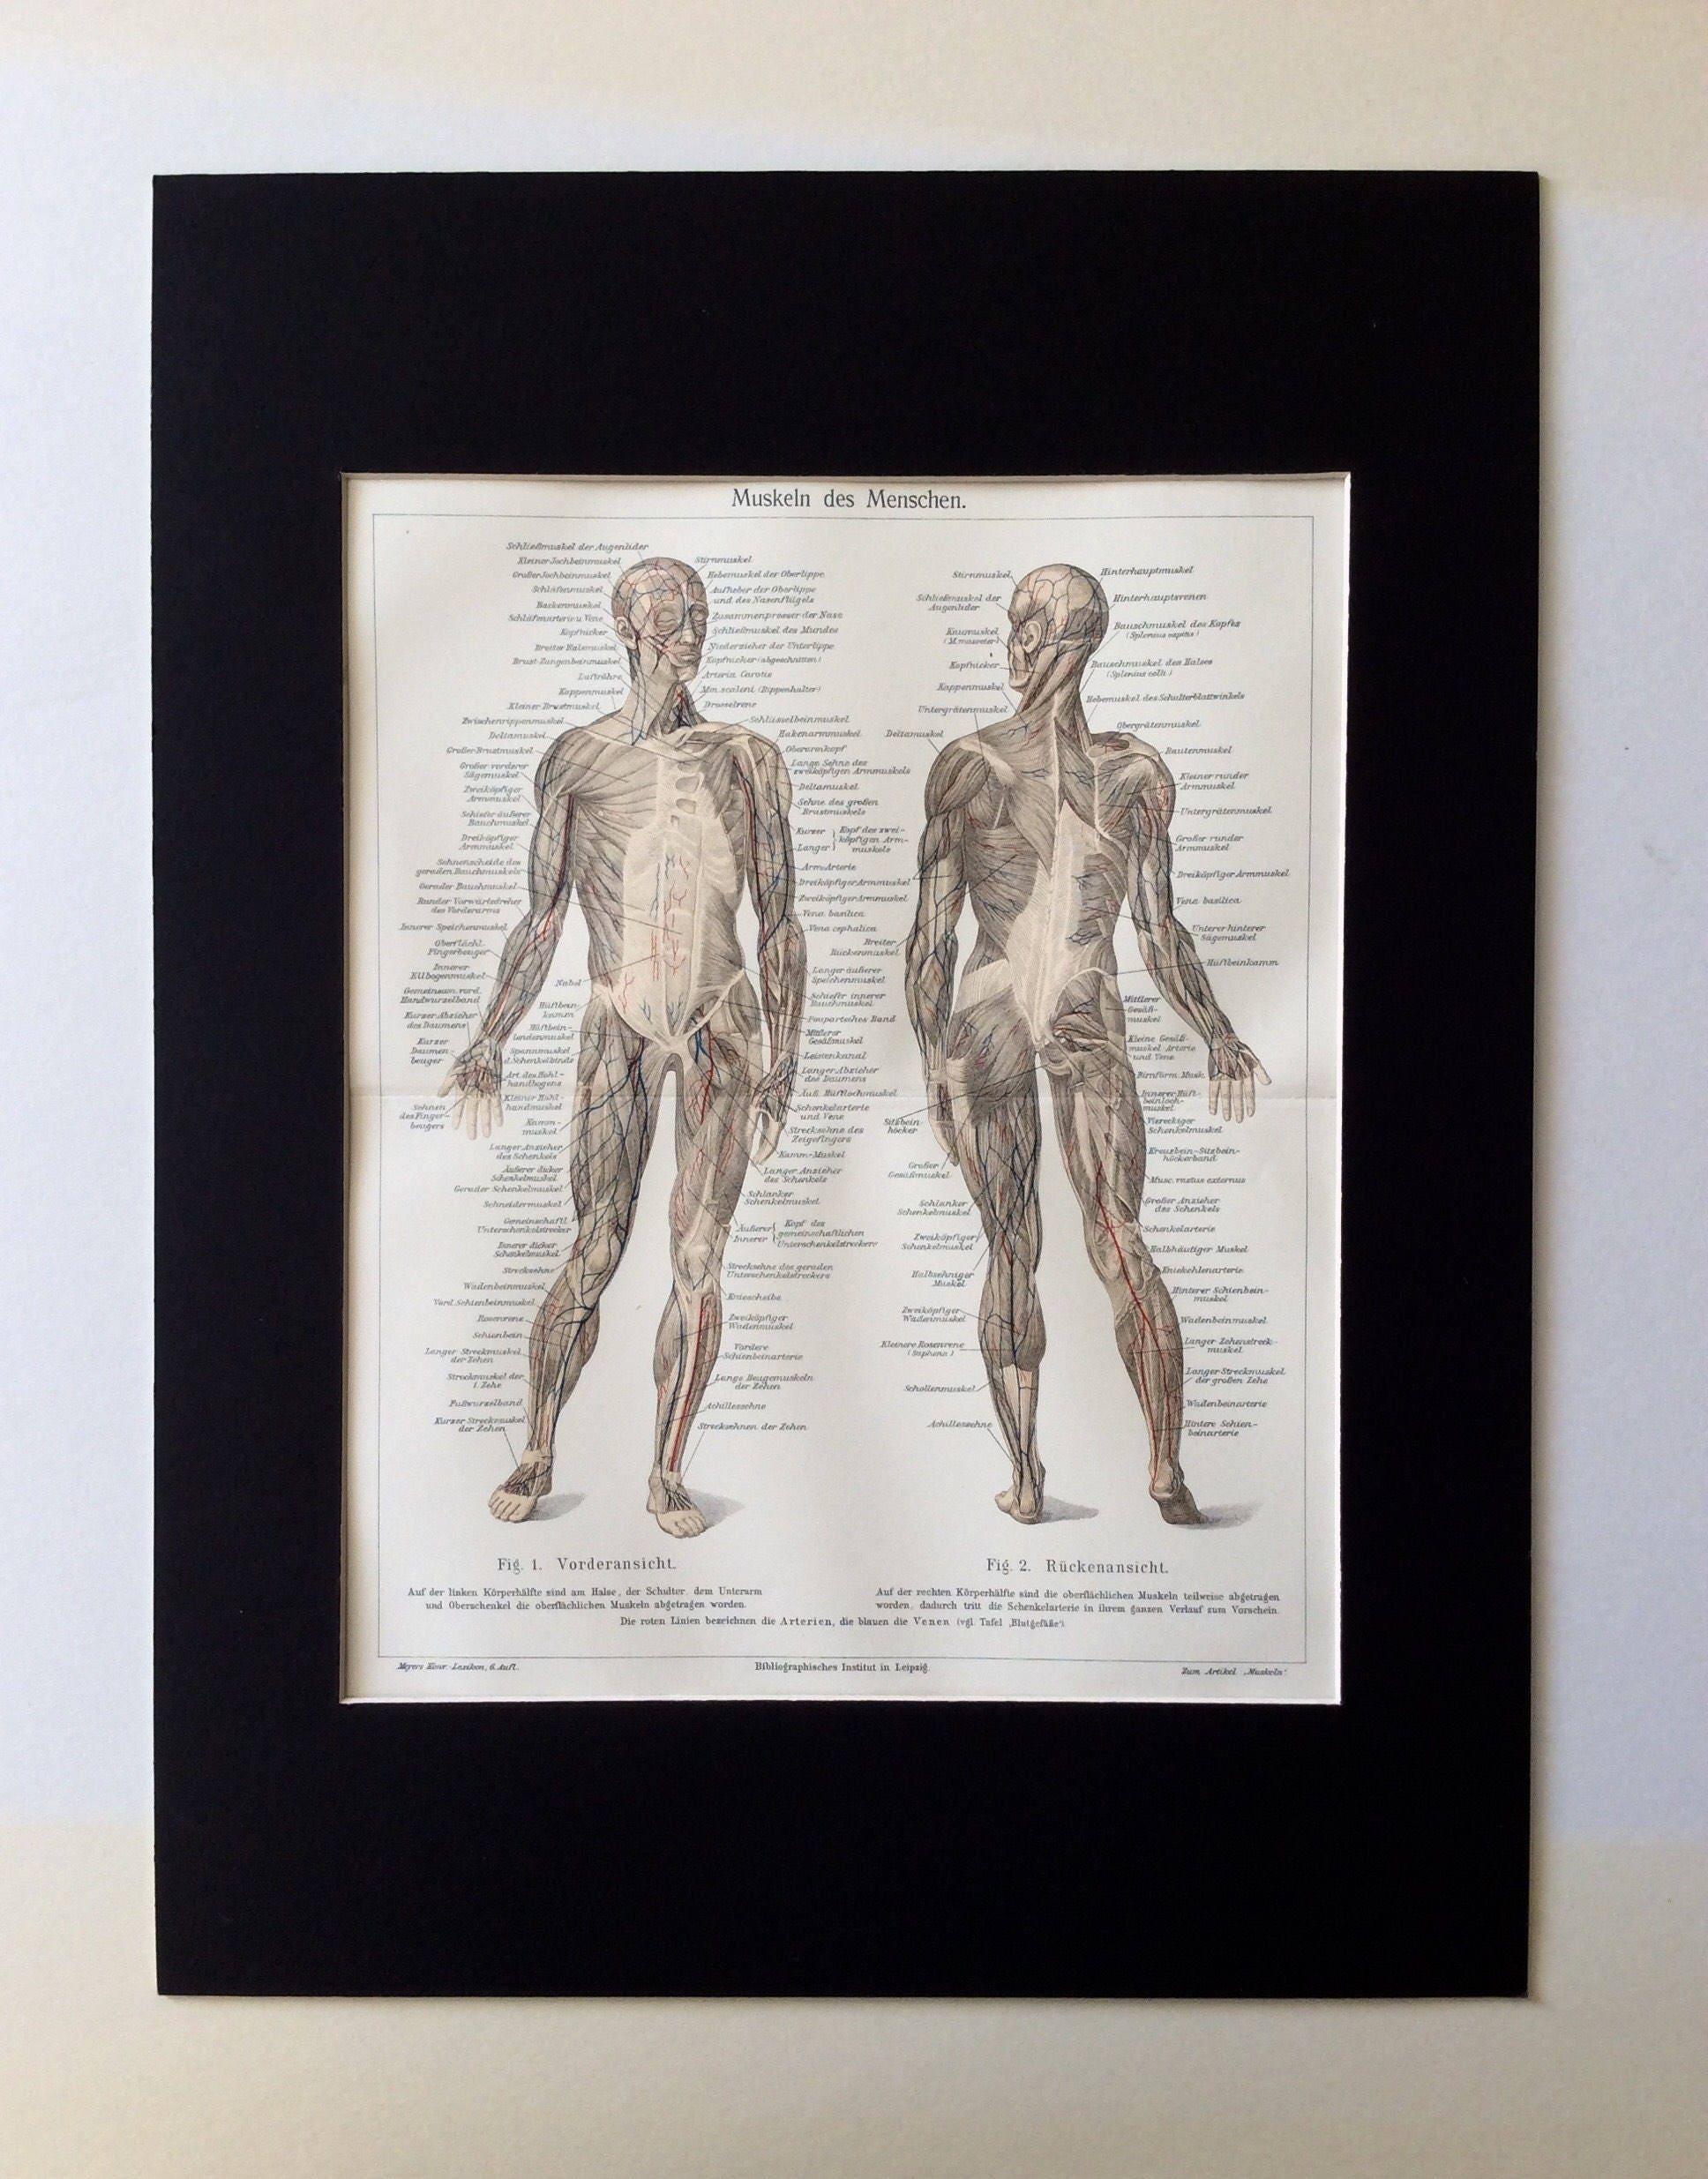 Beste Muskeln Des Torsos Anatomie Bilder - Menschliche Anatomie ...